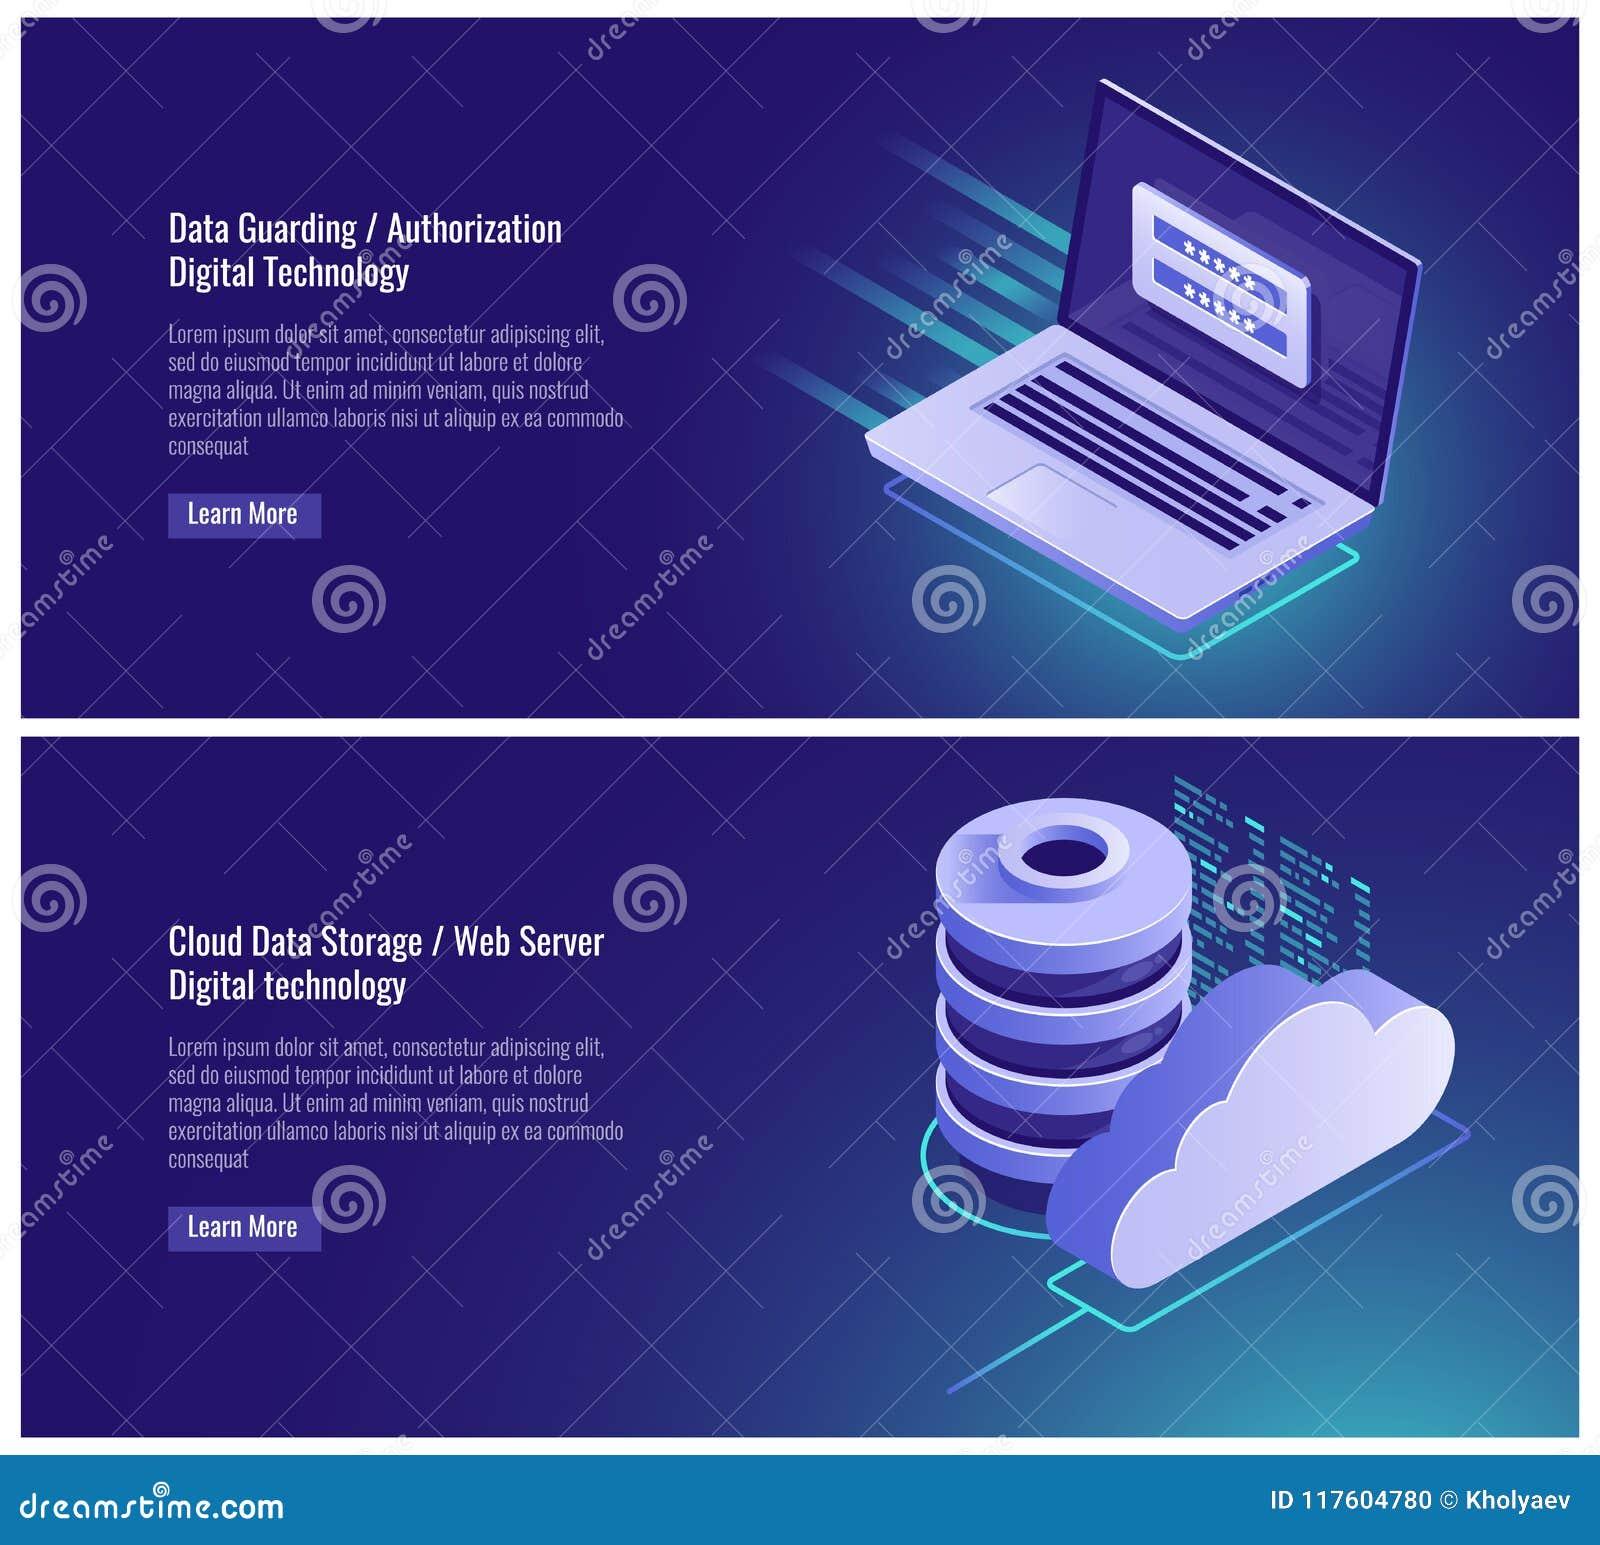 Dados que guardam, formulário da autorização, senha e entrada do início de uma sessão, página do registro, armazenamento de dados